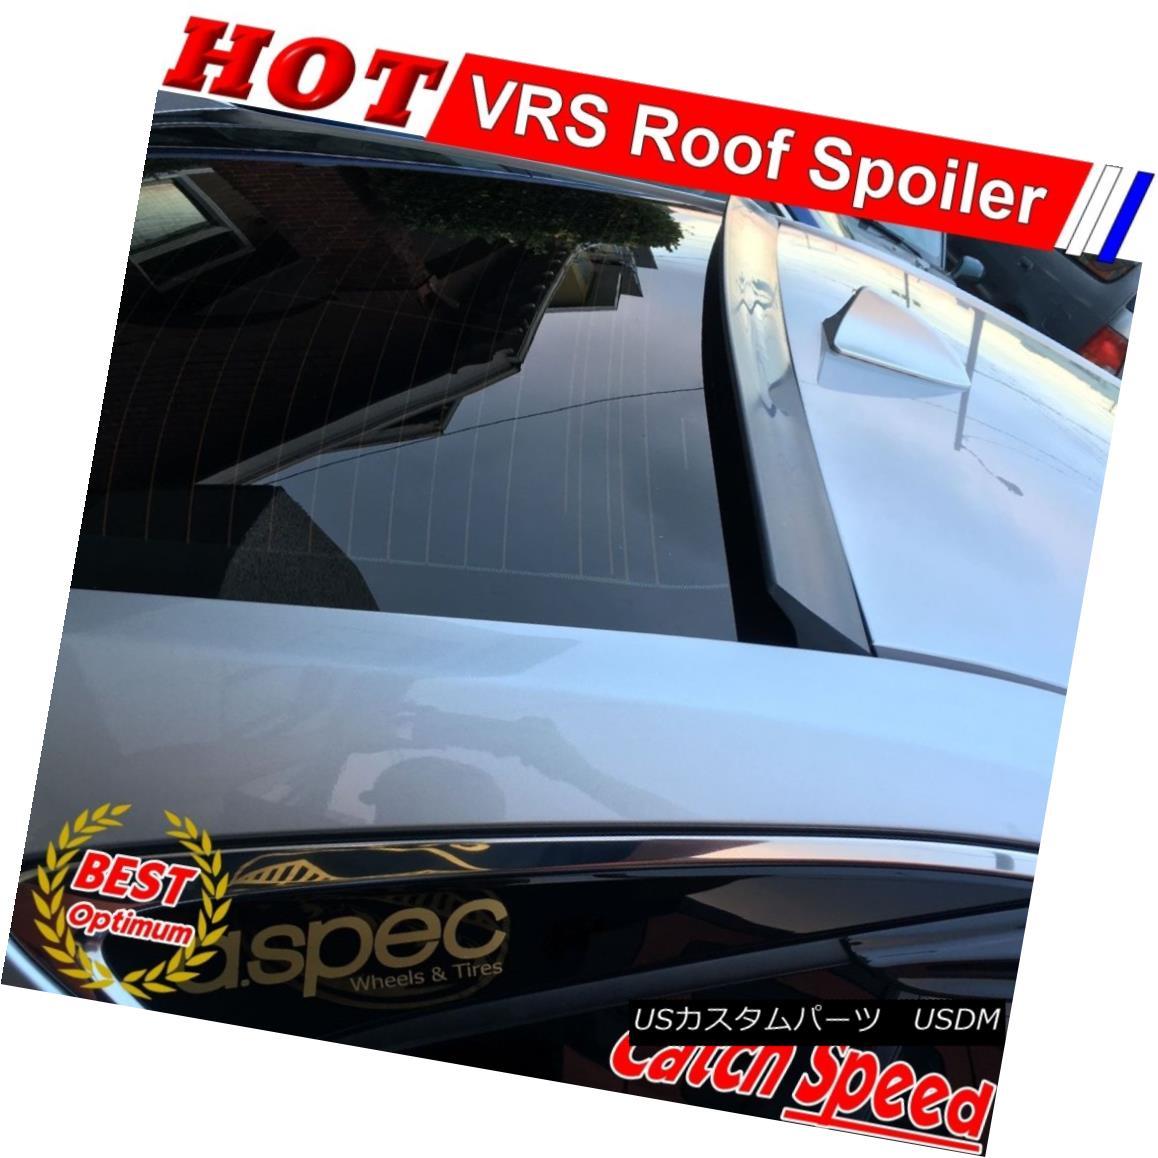 エアロパーツ Painted VRS Type Rear Roof Spoiler Wing For Hyundai Genesis 2008-2011 Sedan 現代ジェネシス2008-2011セダン用VRSタイプリアルーフスポイラーウイング塗装済み